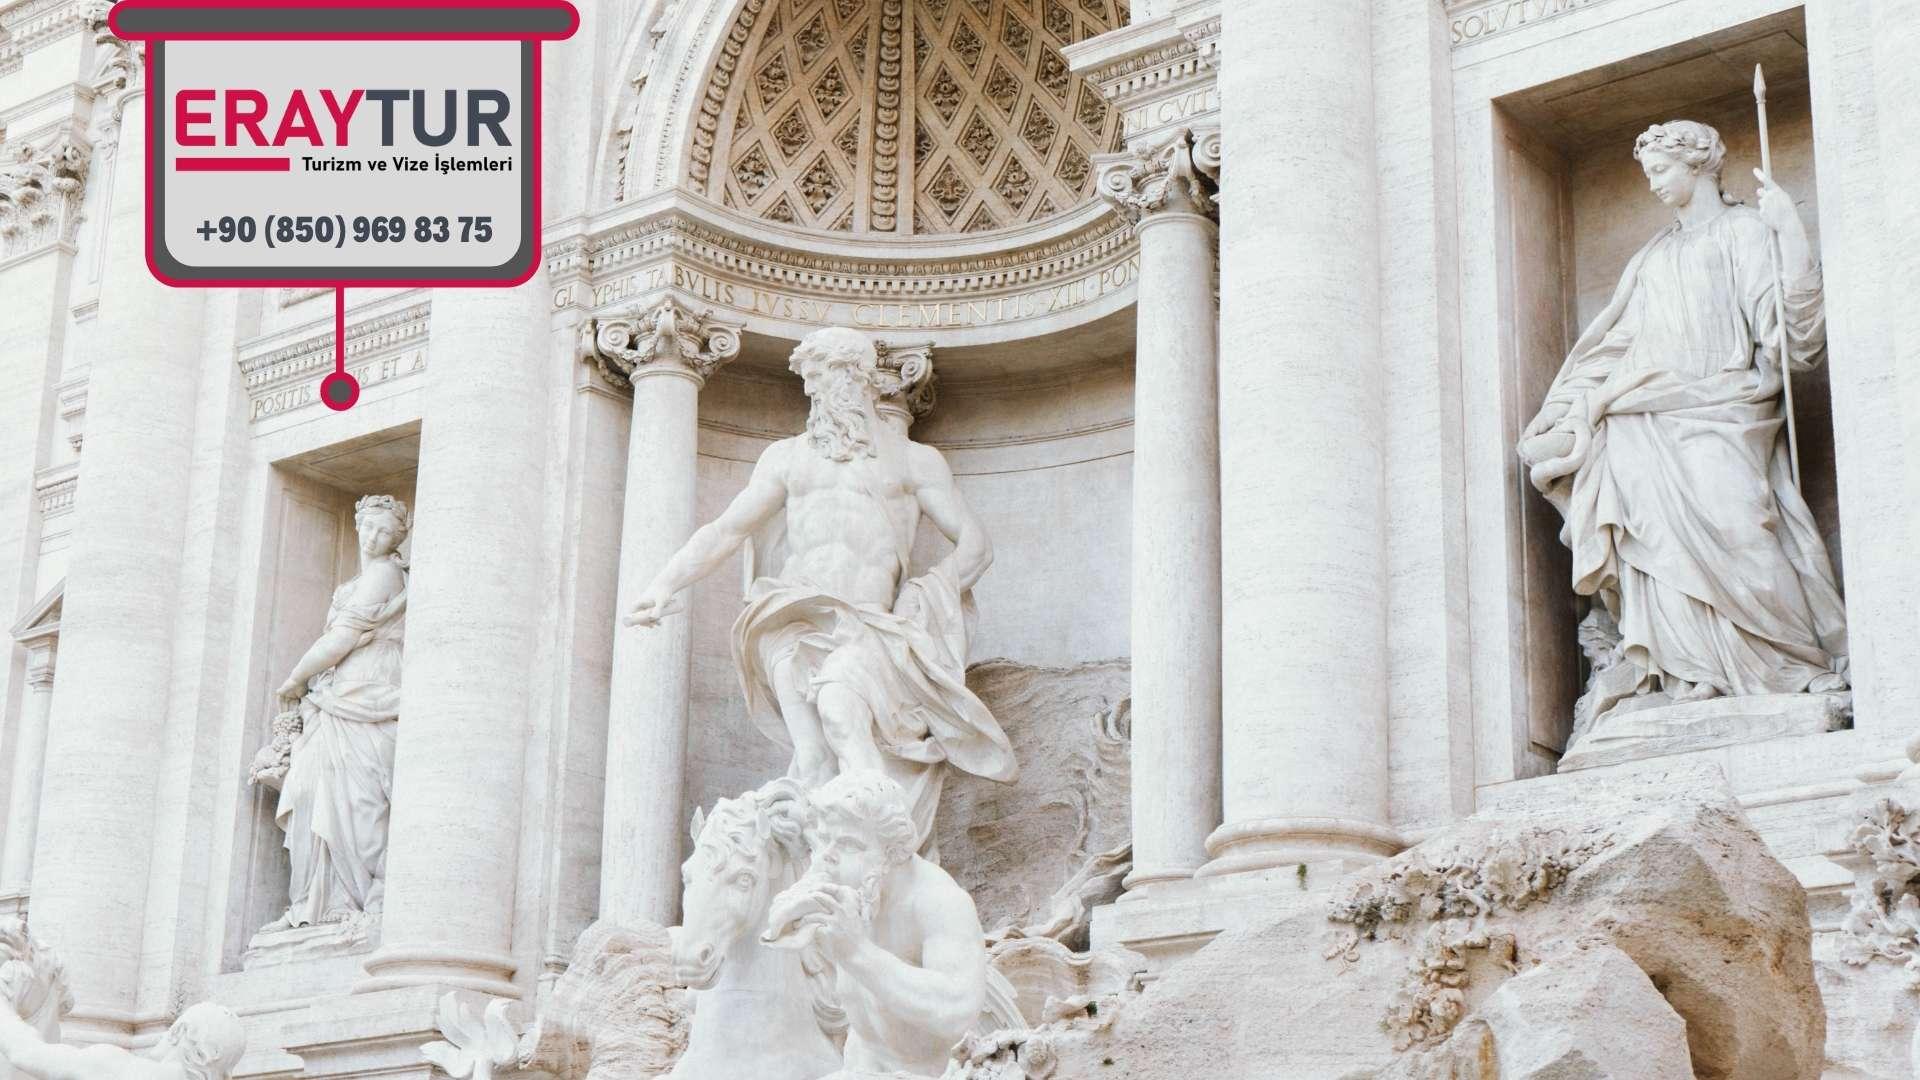 İtalya Turistik Vize Kamu Çalışanı Evrakları